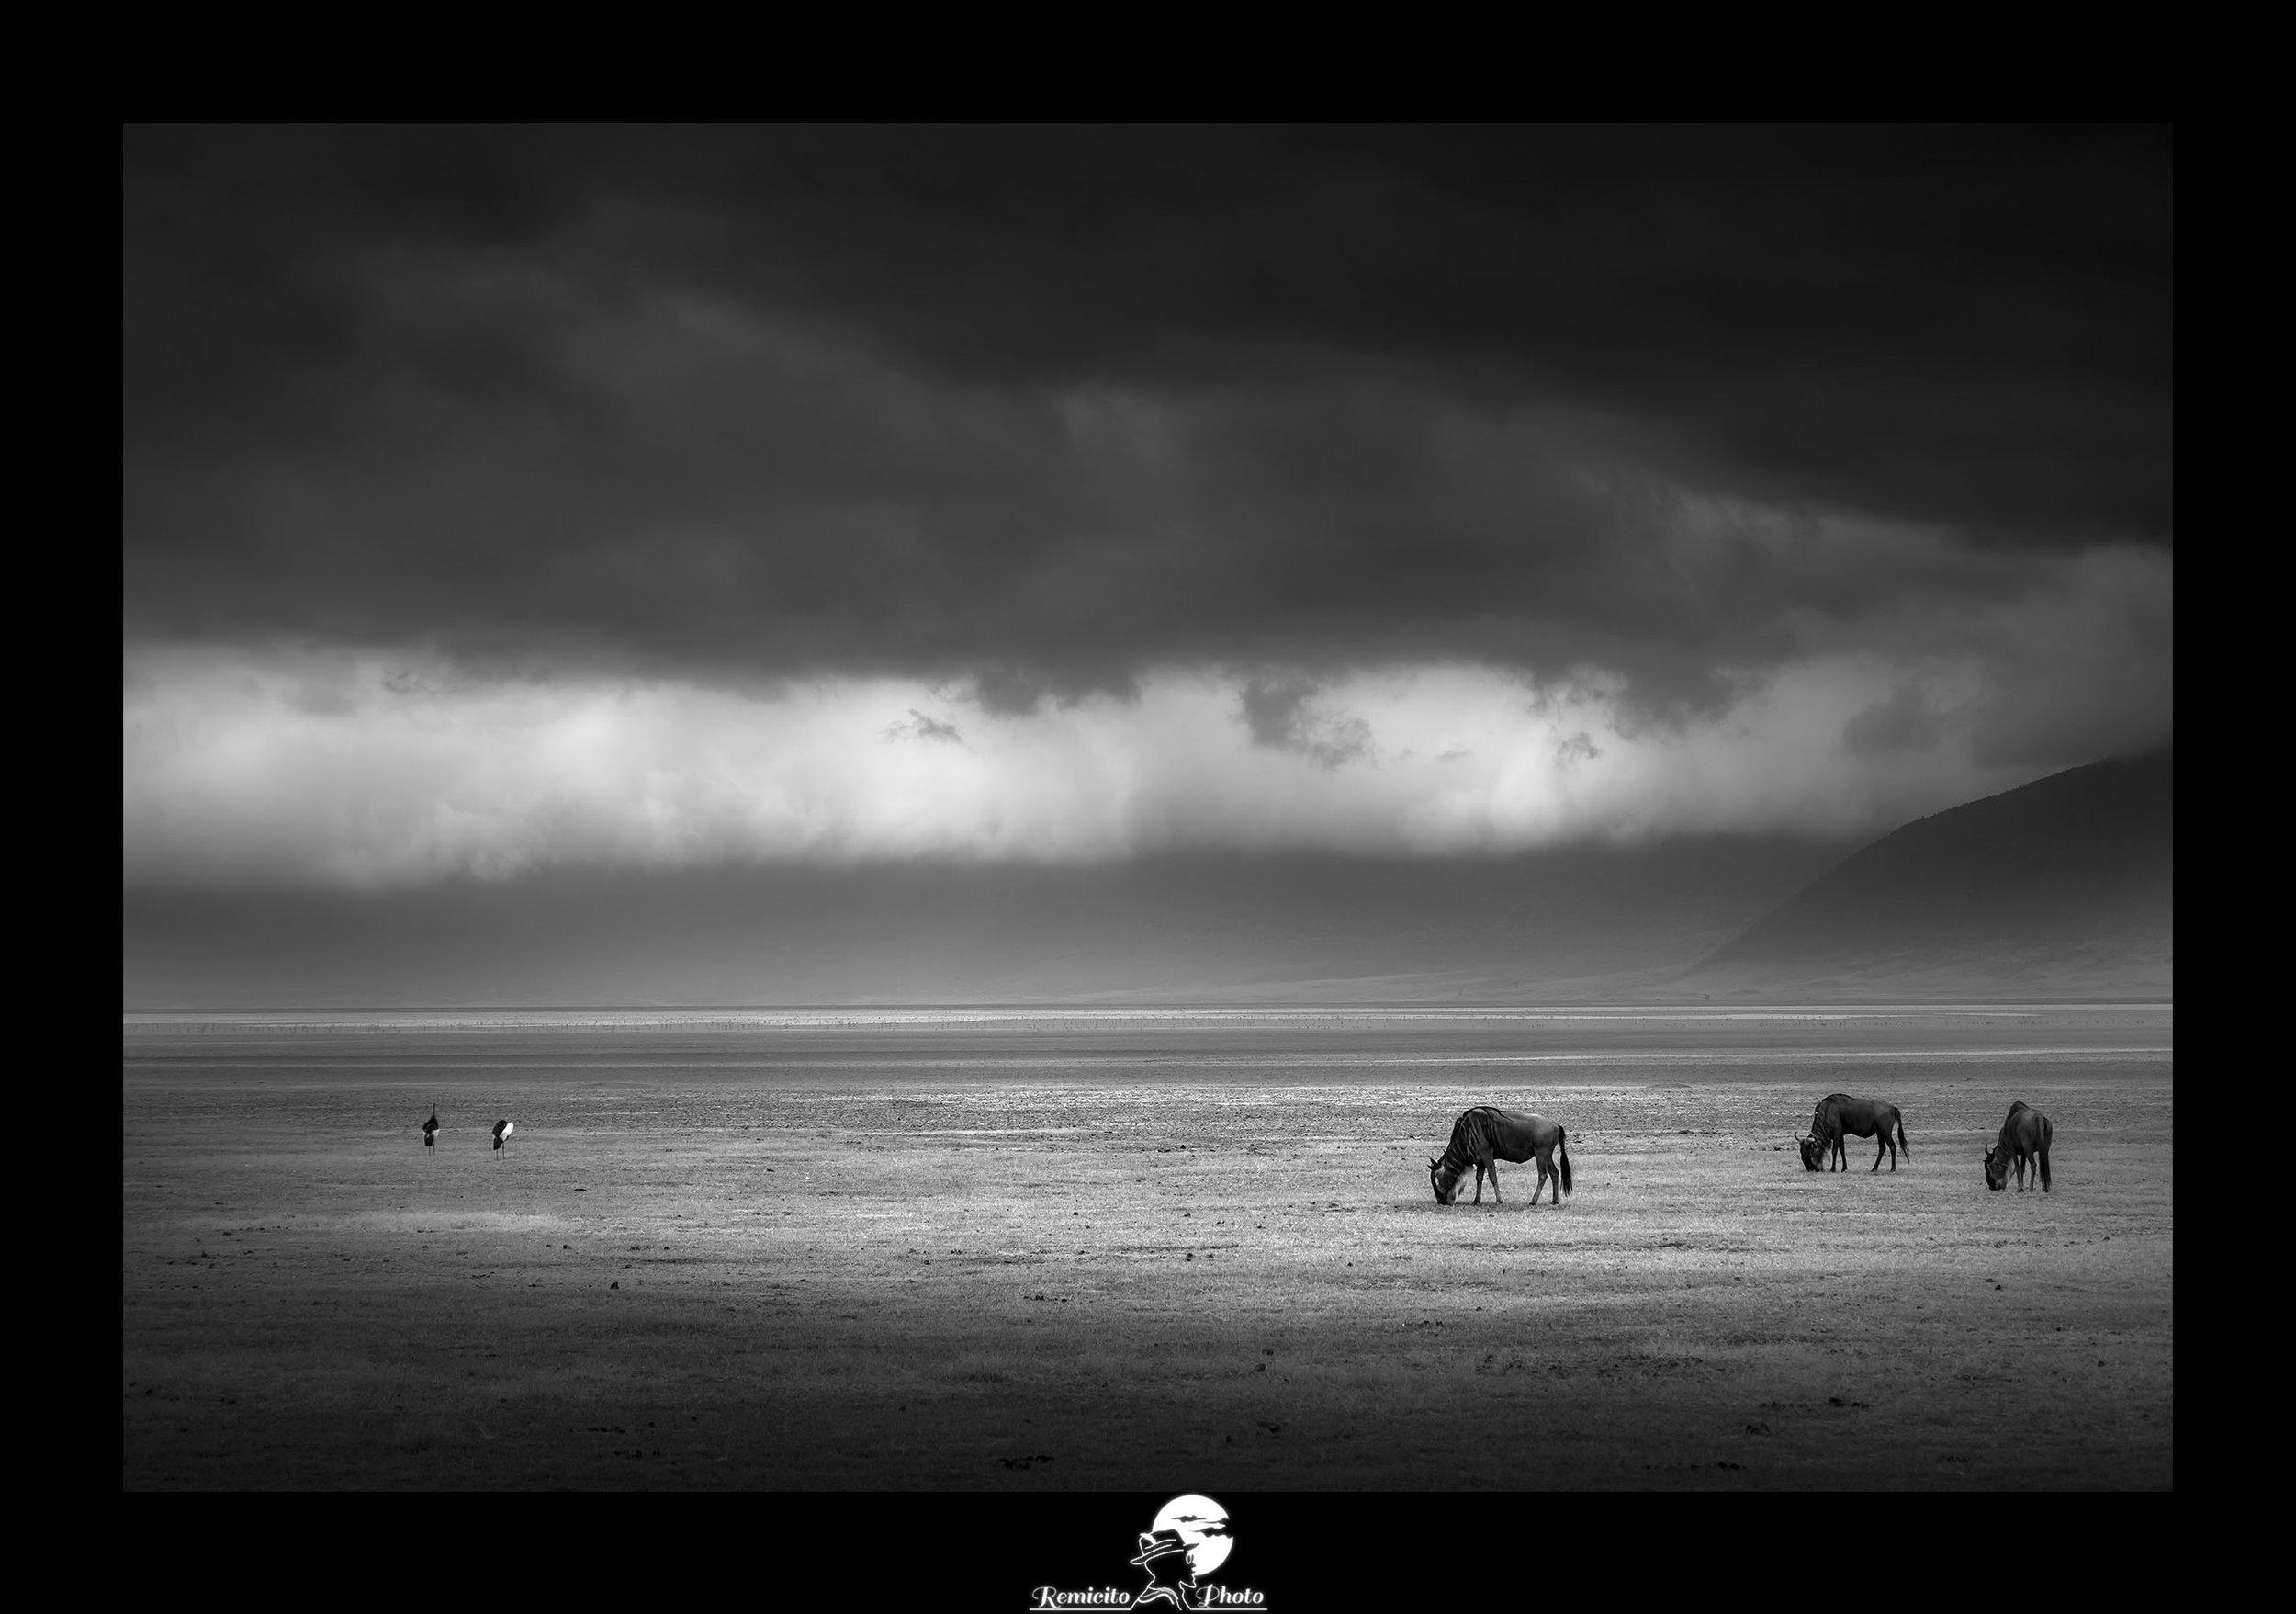 Remicito photo, remicito rémi lacombe photographe paris, belle photo noir et blanc afrique, vie sauvage cratère n'gorongoro tanzanie, belle photo idée cadeau noir et blanc